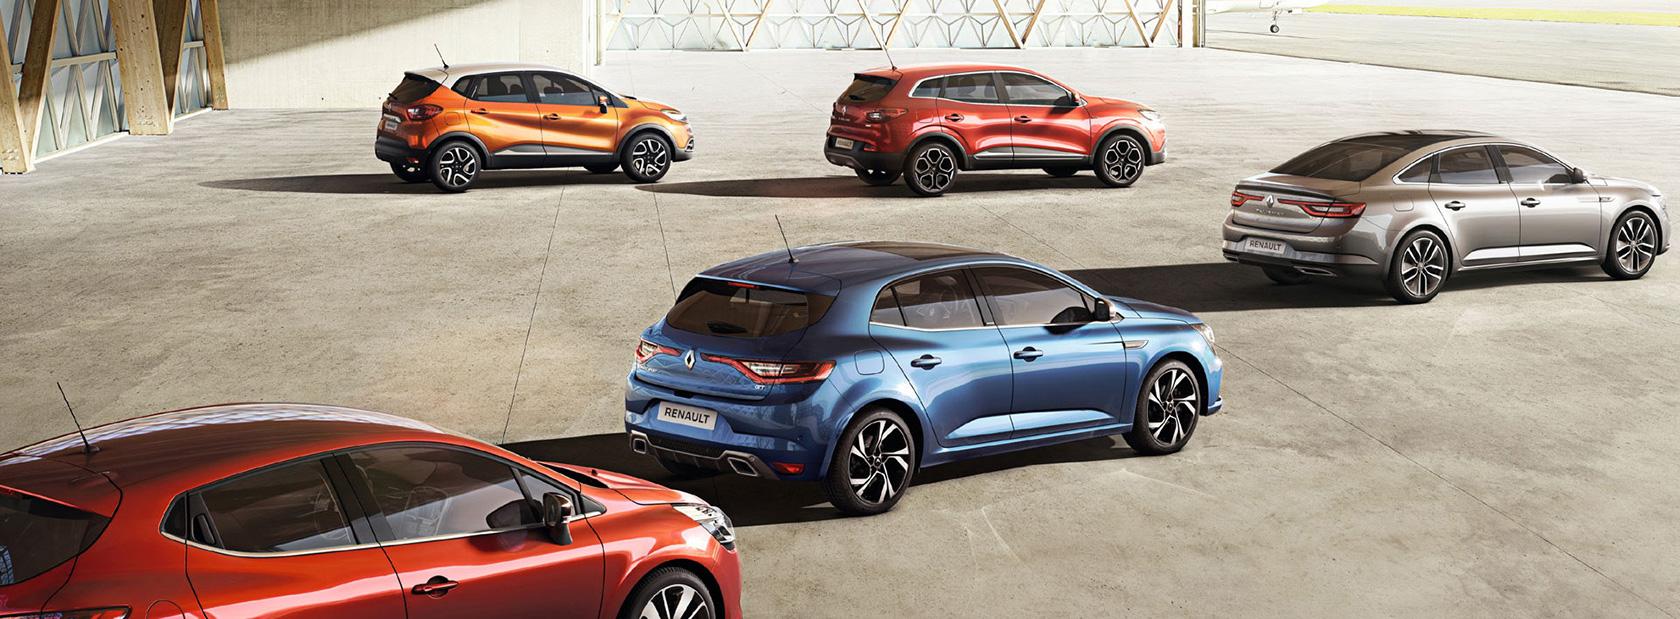 Renault en tête des ventes de véhicules particuliers en Mai 2016